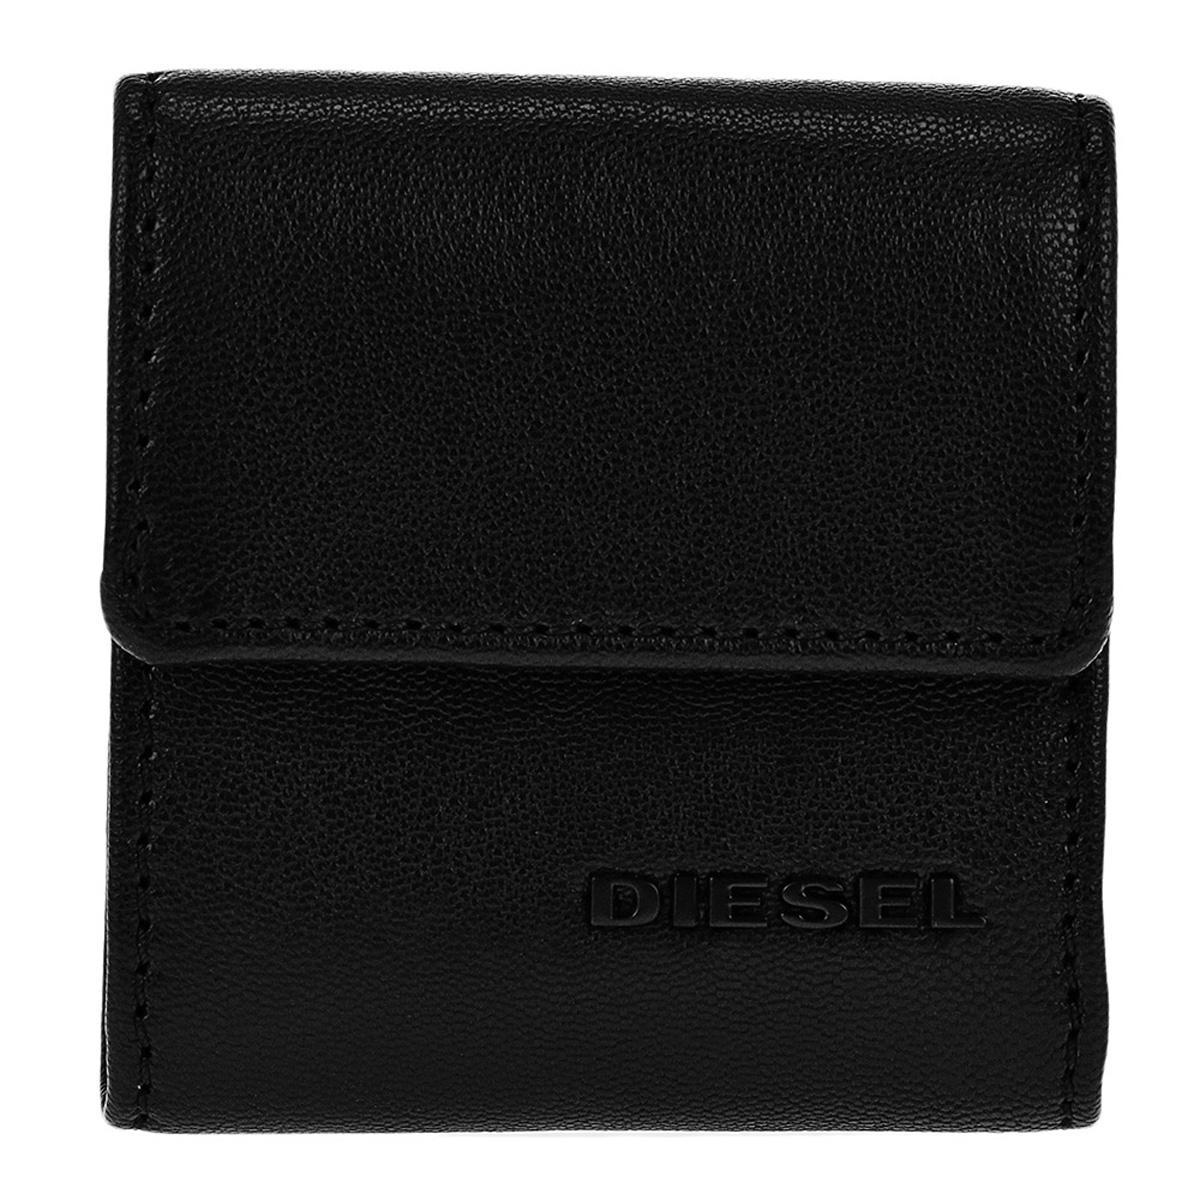 ディーゼル DIESEL 財布 X04767 PR227 H3350 コインケース 小銭入れ BLACK/YELLOW ブラック+イエロー